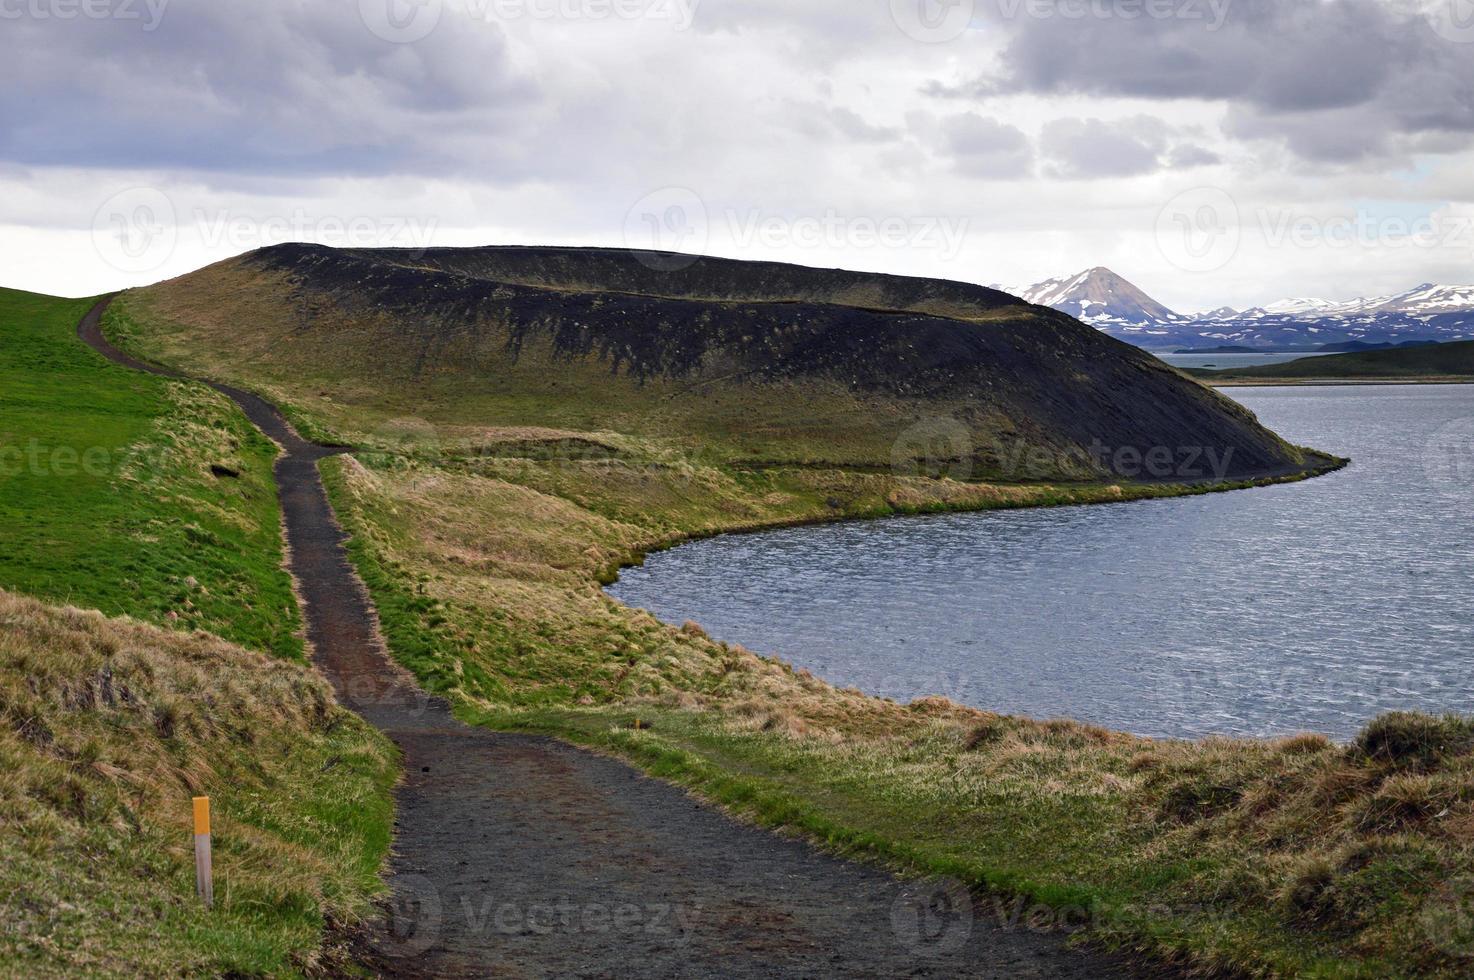 vulkanisk krater på Island foto